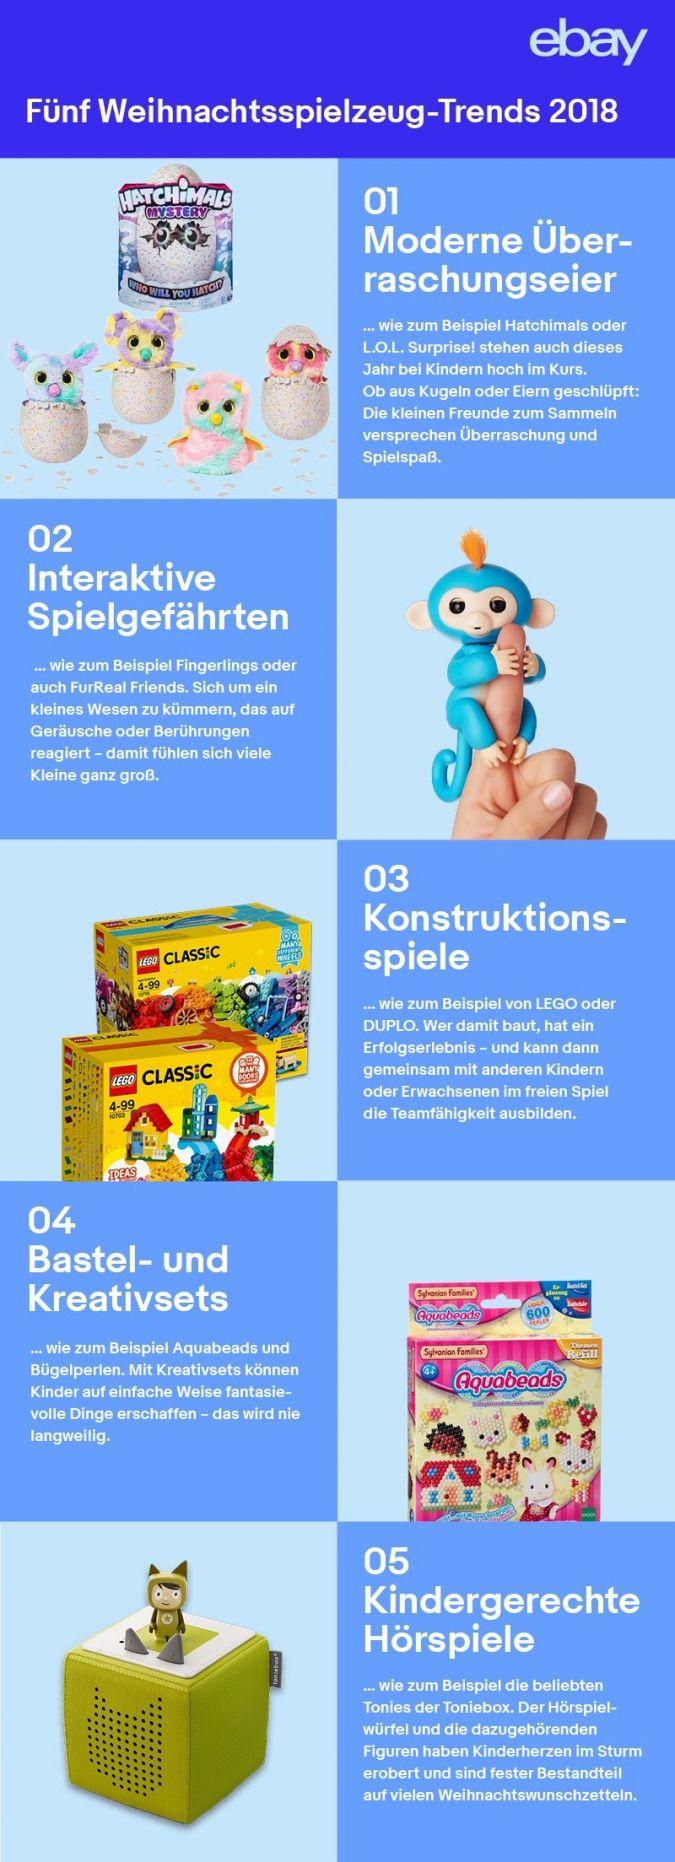 Infografrik-Ebay.jpg